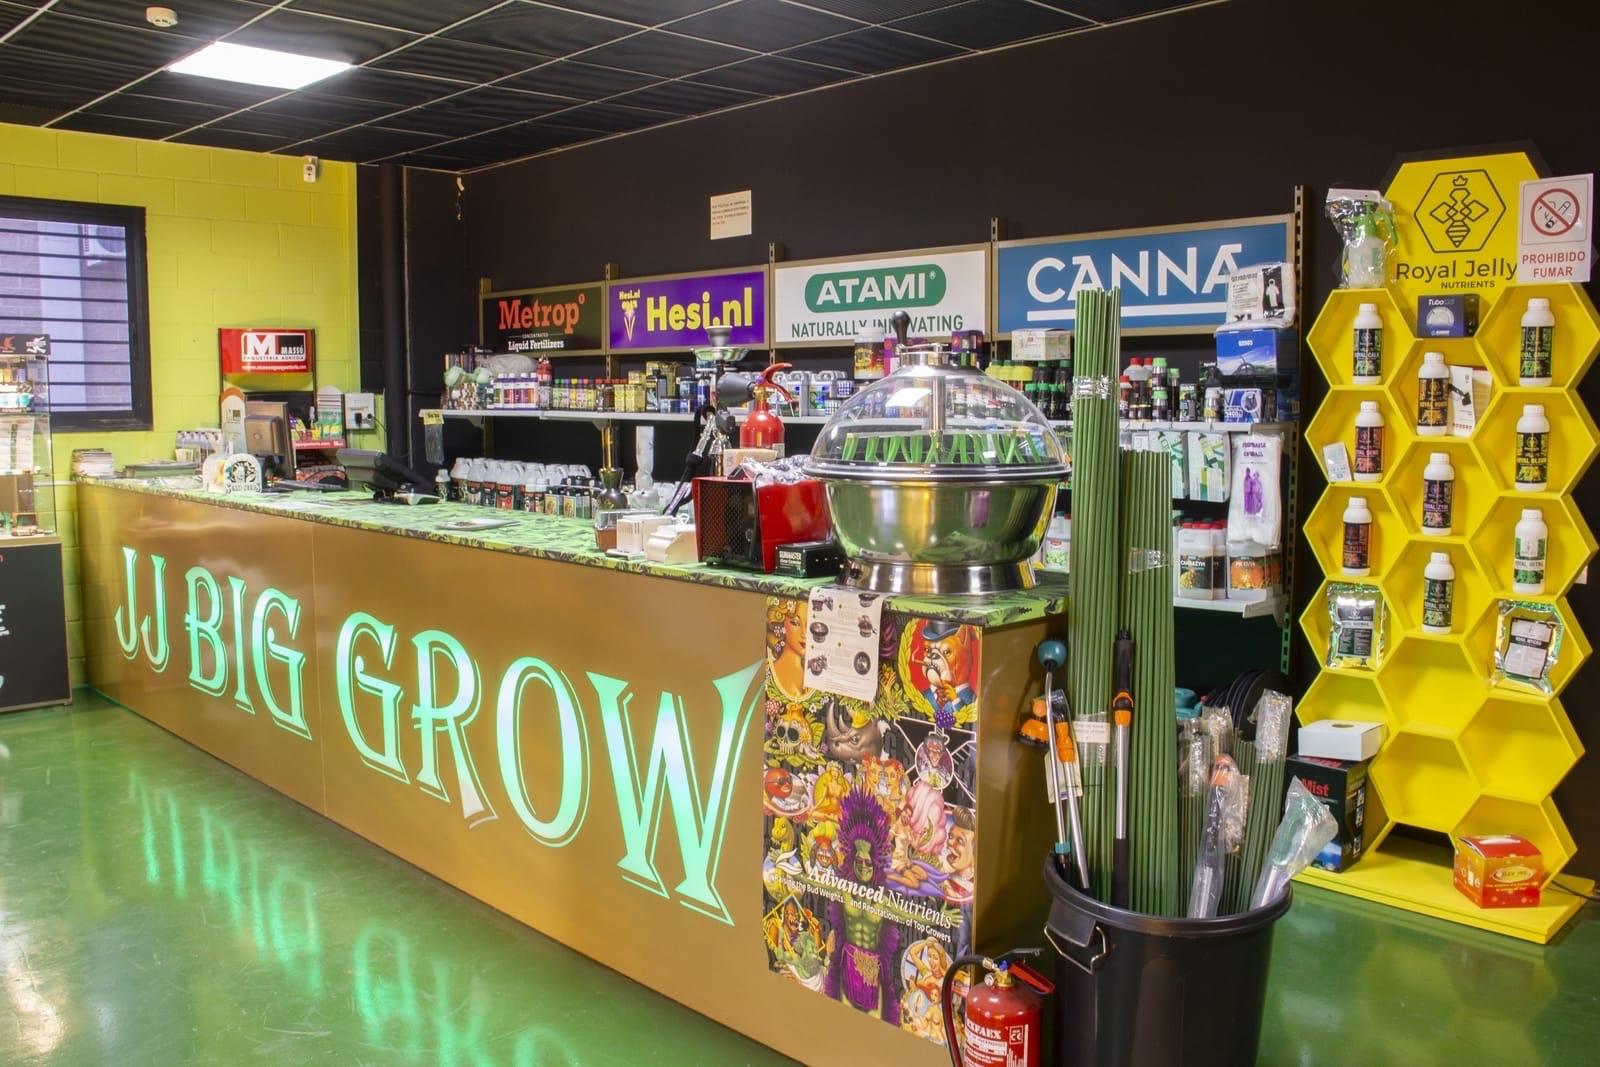 Foto del mostrador y productos de JJ BIG GRW